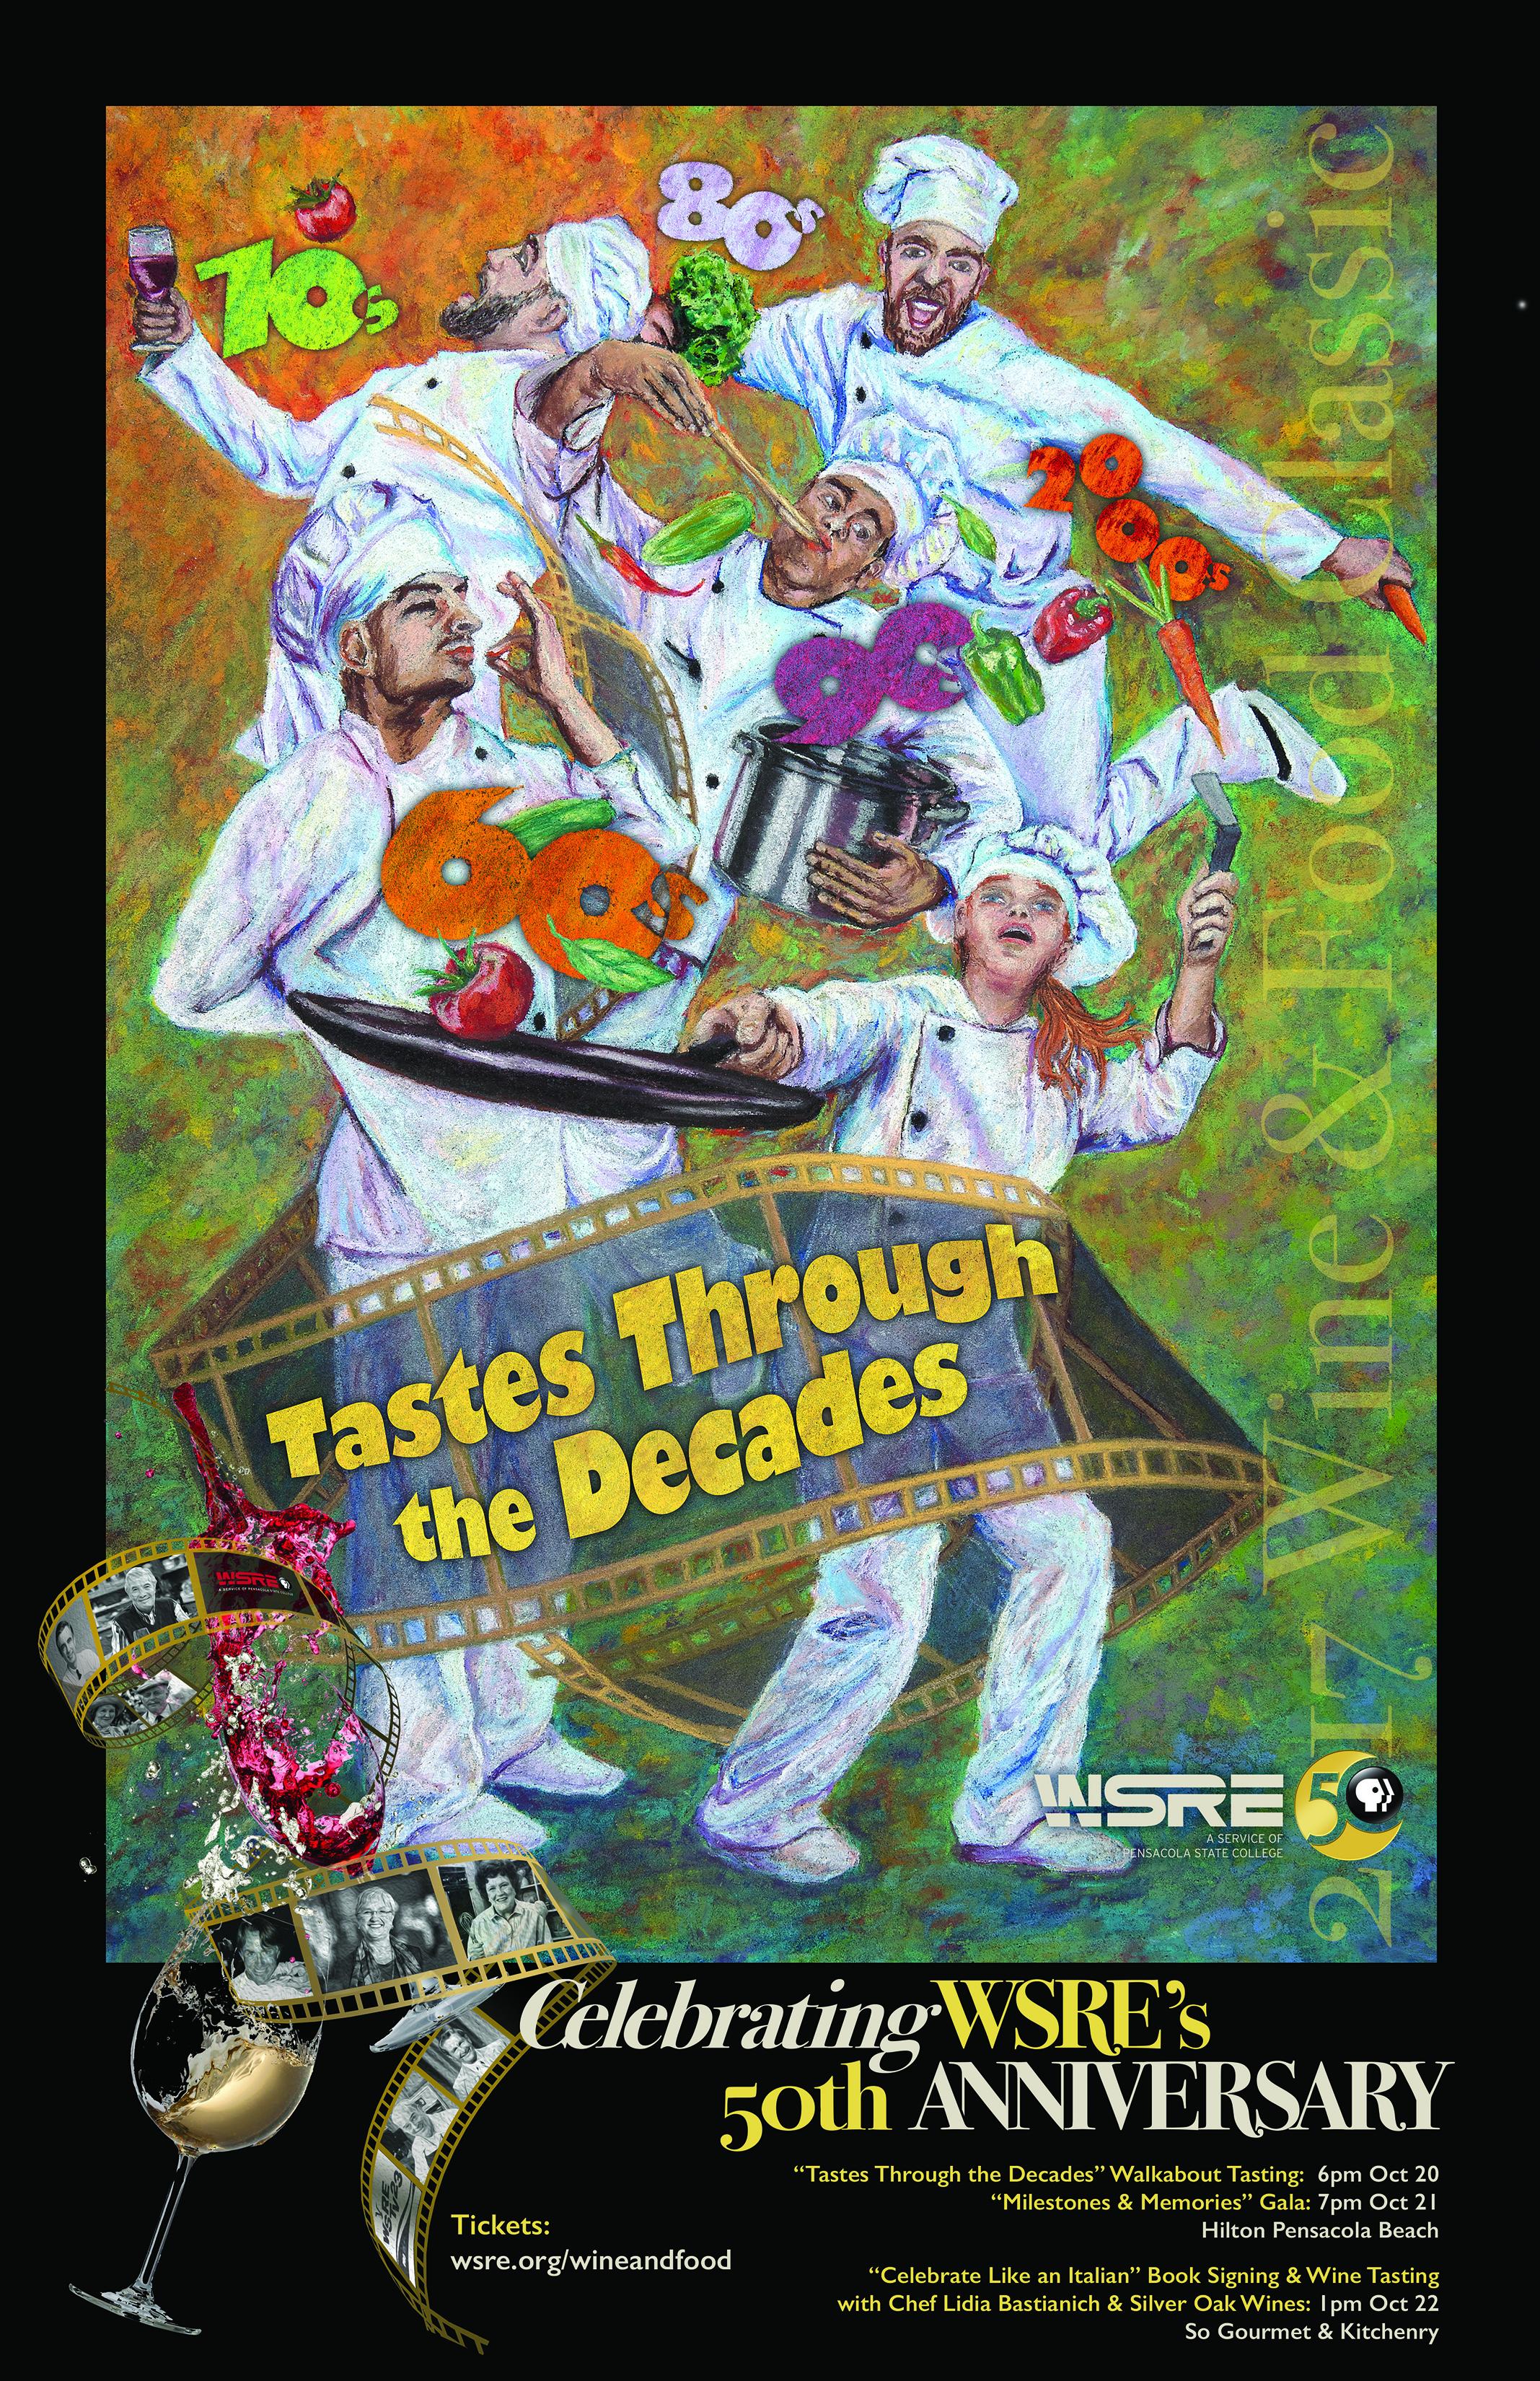 26822-0917 WSRE W&F Poster-1.jpg